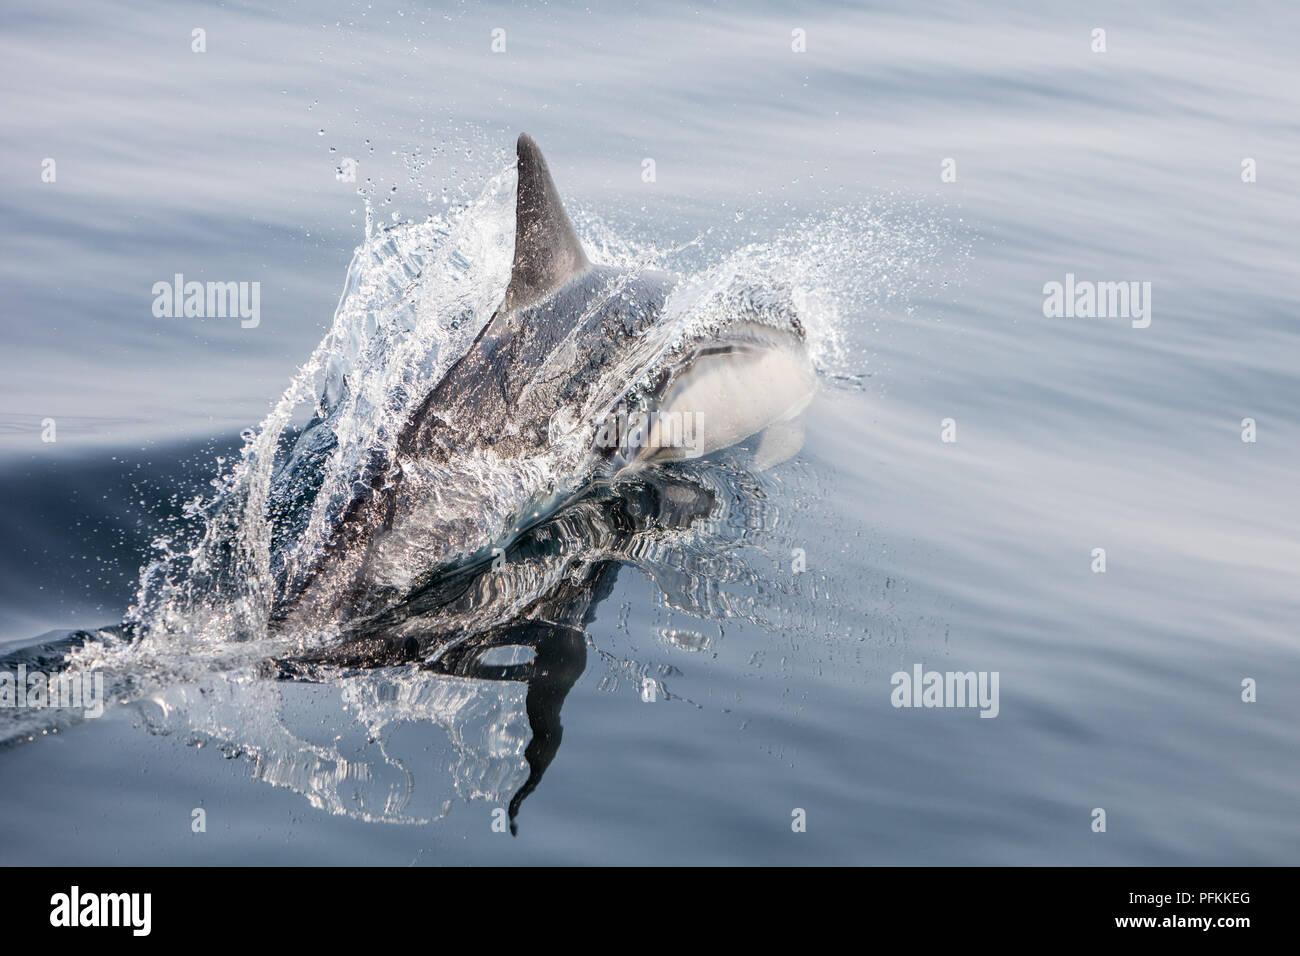 Un agile Short-Beaked delfino comune, Delphinus delphis, nuotate nell'Oceano Atlantico al largo di Capo Cod, Massachusetts. Immagini Stock